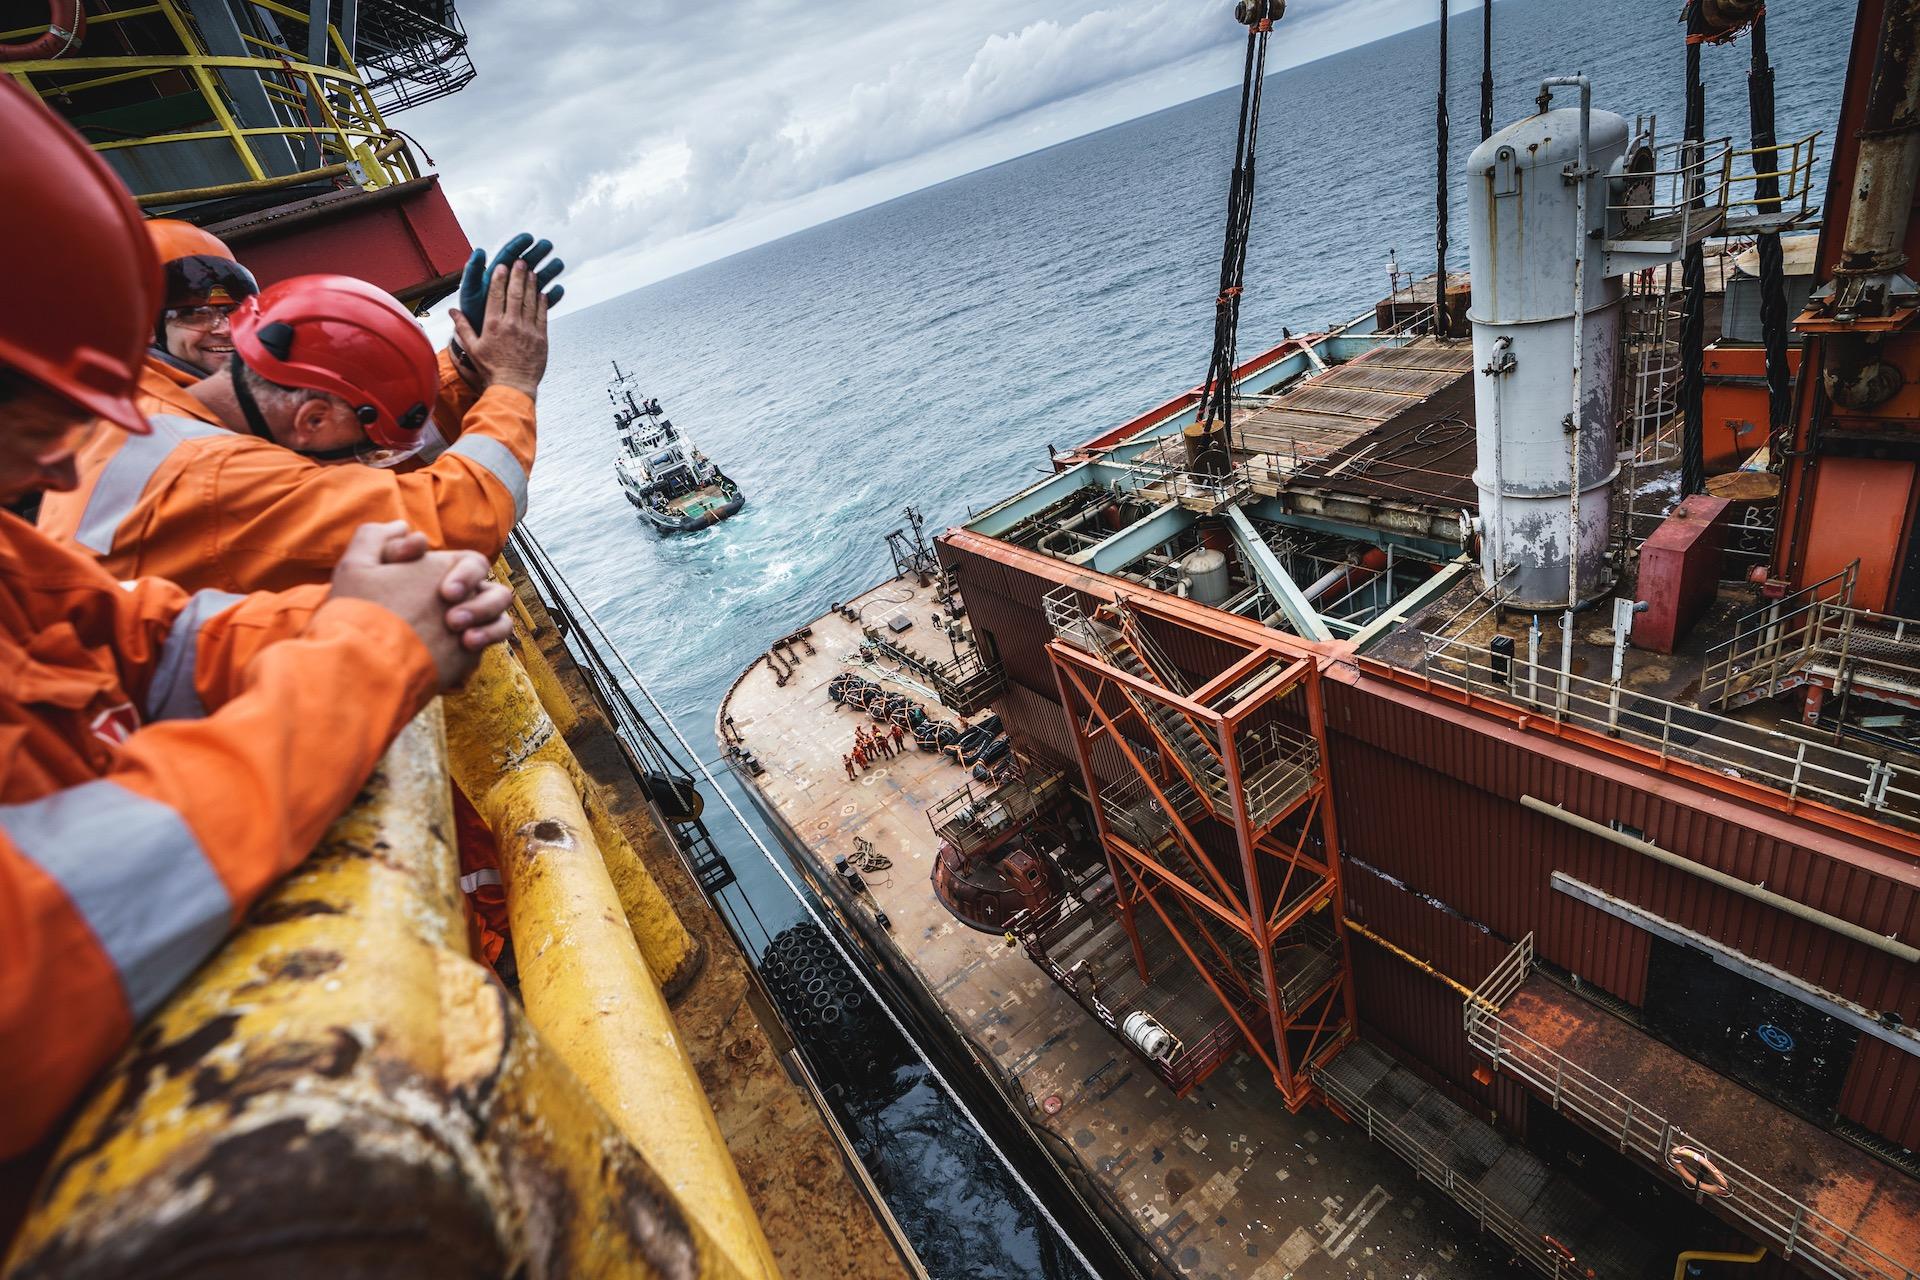 Nederland, Noordzee, 03-08-2019.  Reportage over Kraanschip Thialf. Boorplatform K18 Kotter staat op het ponton H542. Jan Pluimgraaff  klapt in zijn handen.  Foto: Siese Veenstra